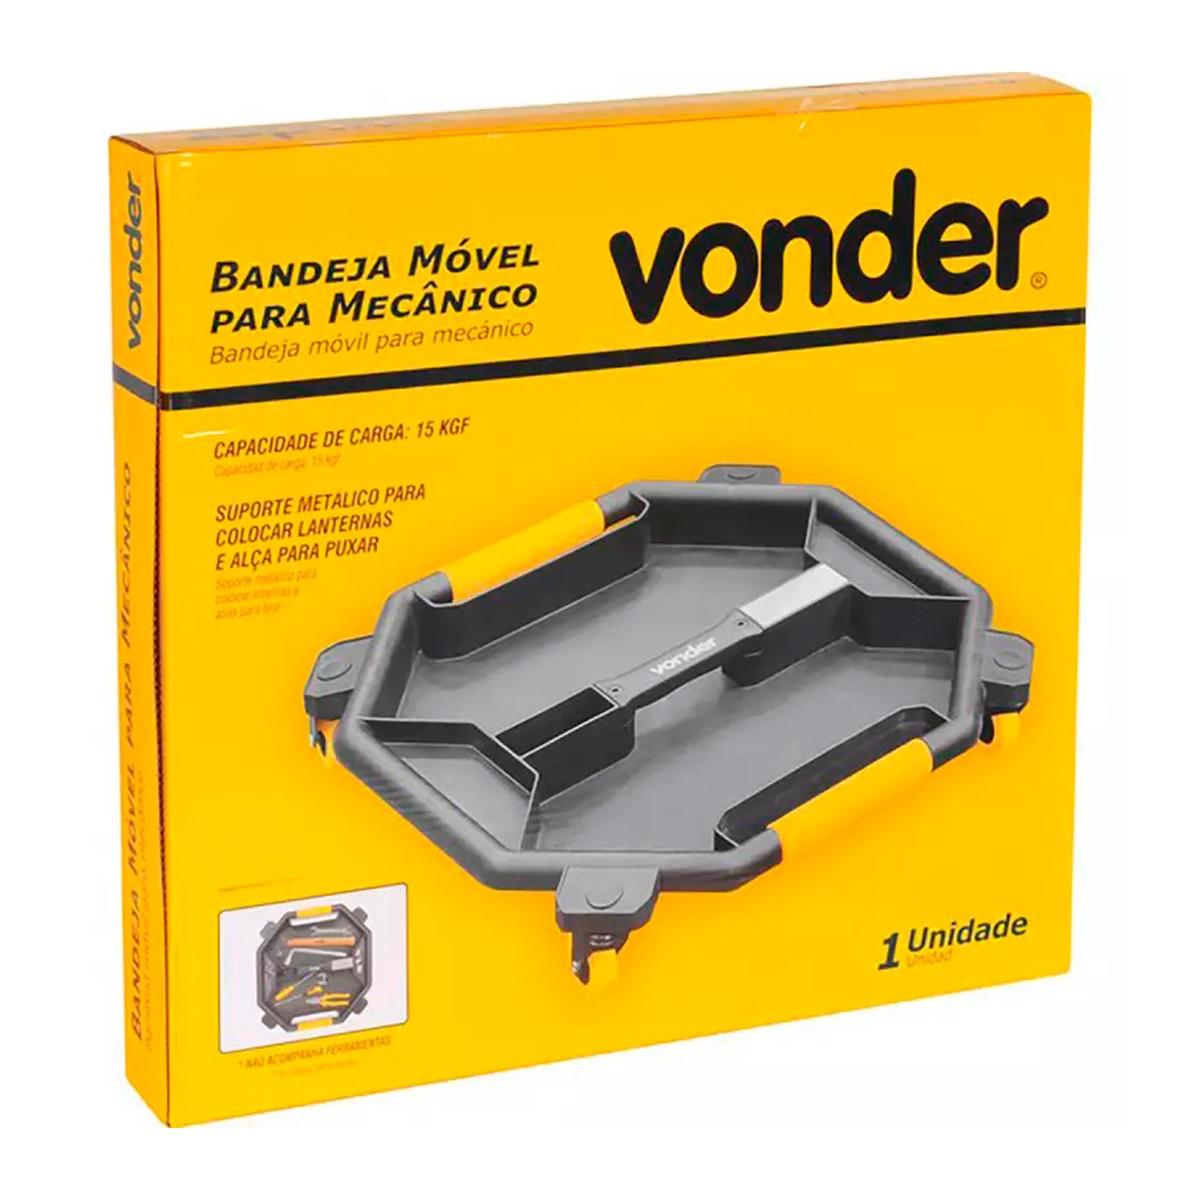 Bandeja Móvel Para Mecânico - Vonder